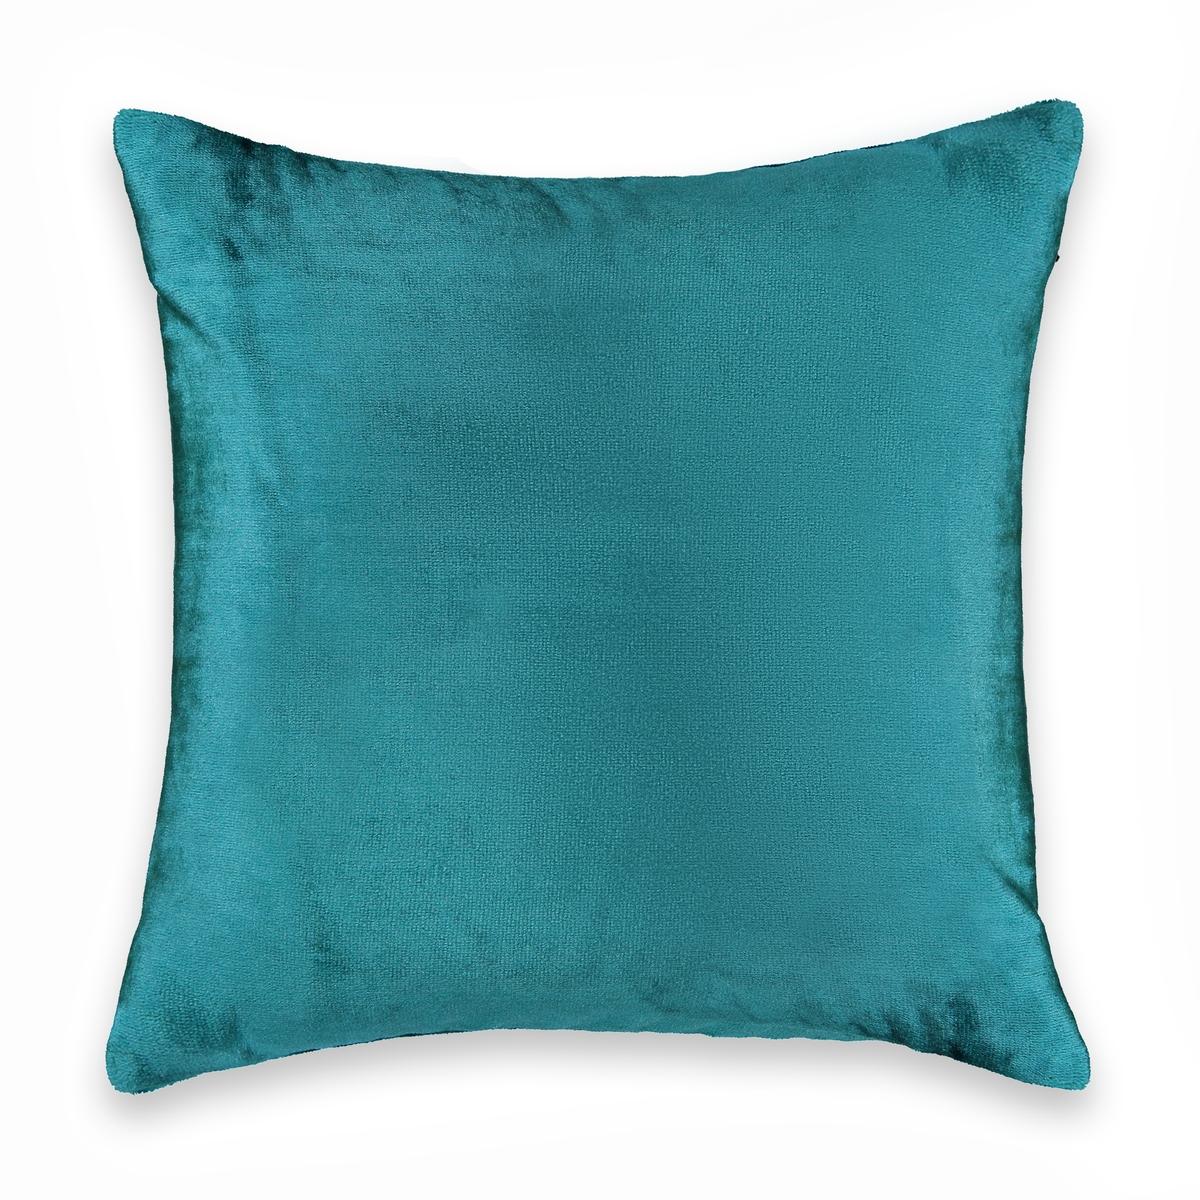 Чехол La Redoute Для подушки MILD 40 x 40 см зеленый чехол la redoute для подушки eppaloc 45 x 45 см оранжевый